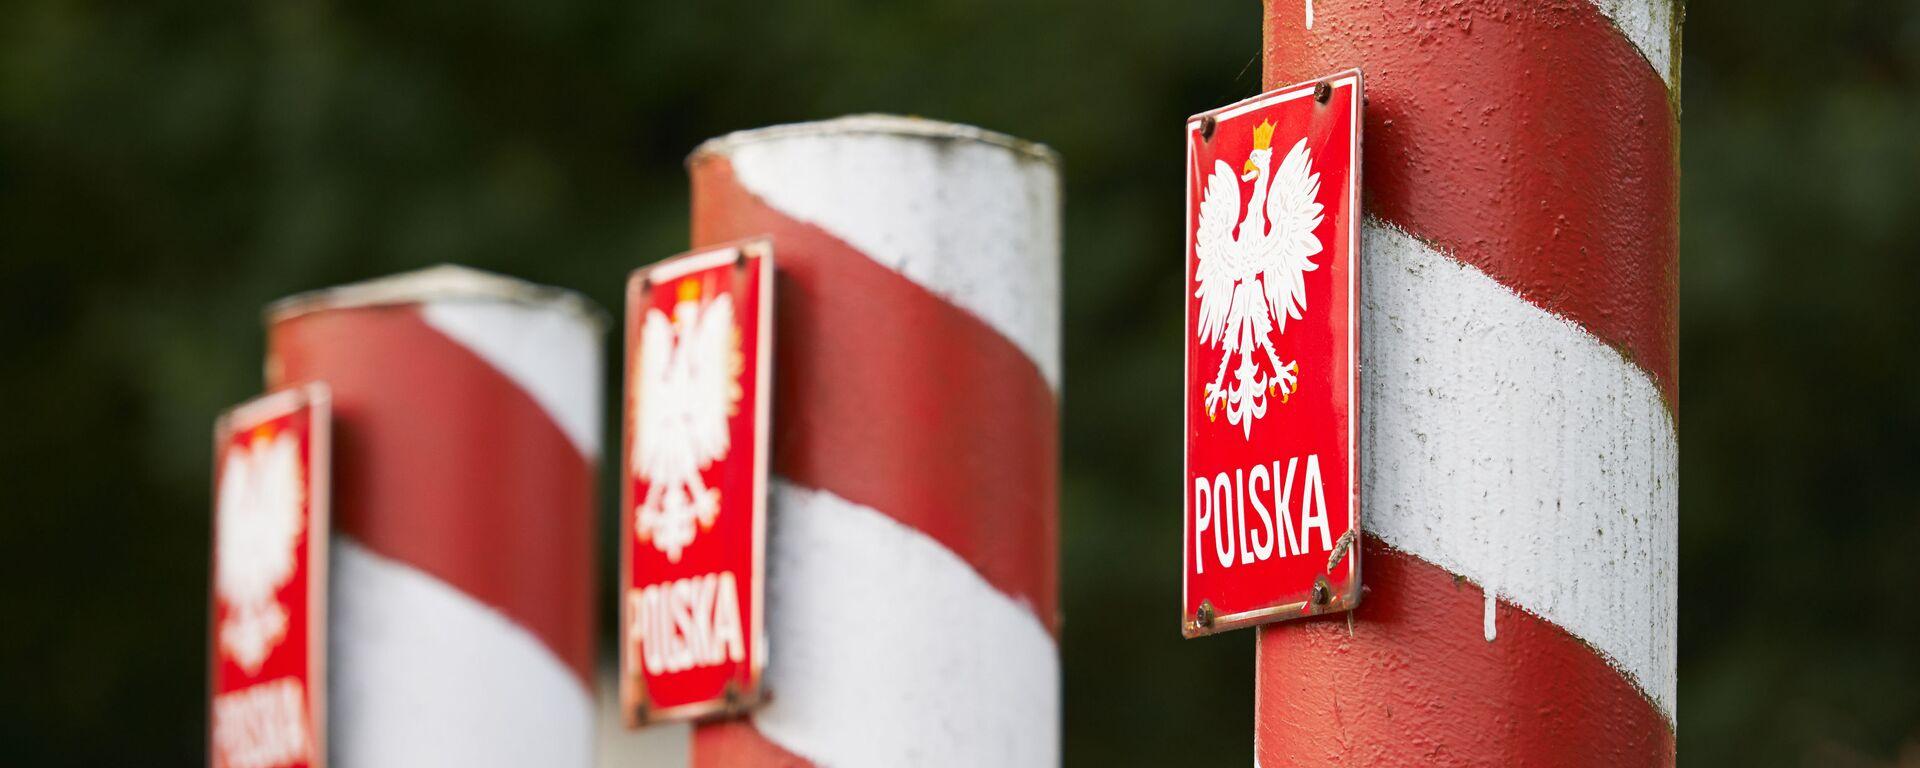 Polskie słupy graniczne - Sputnik Polska, 1920, 13.04.2021